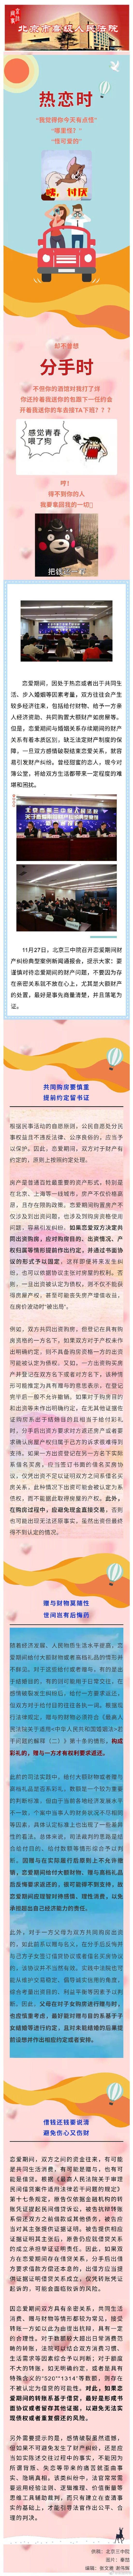 中国中冶1月份新签合同额同比降9.8%至451.1亿元